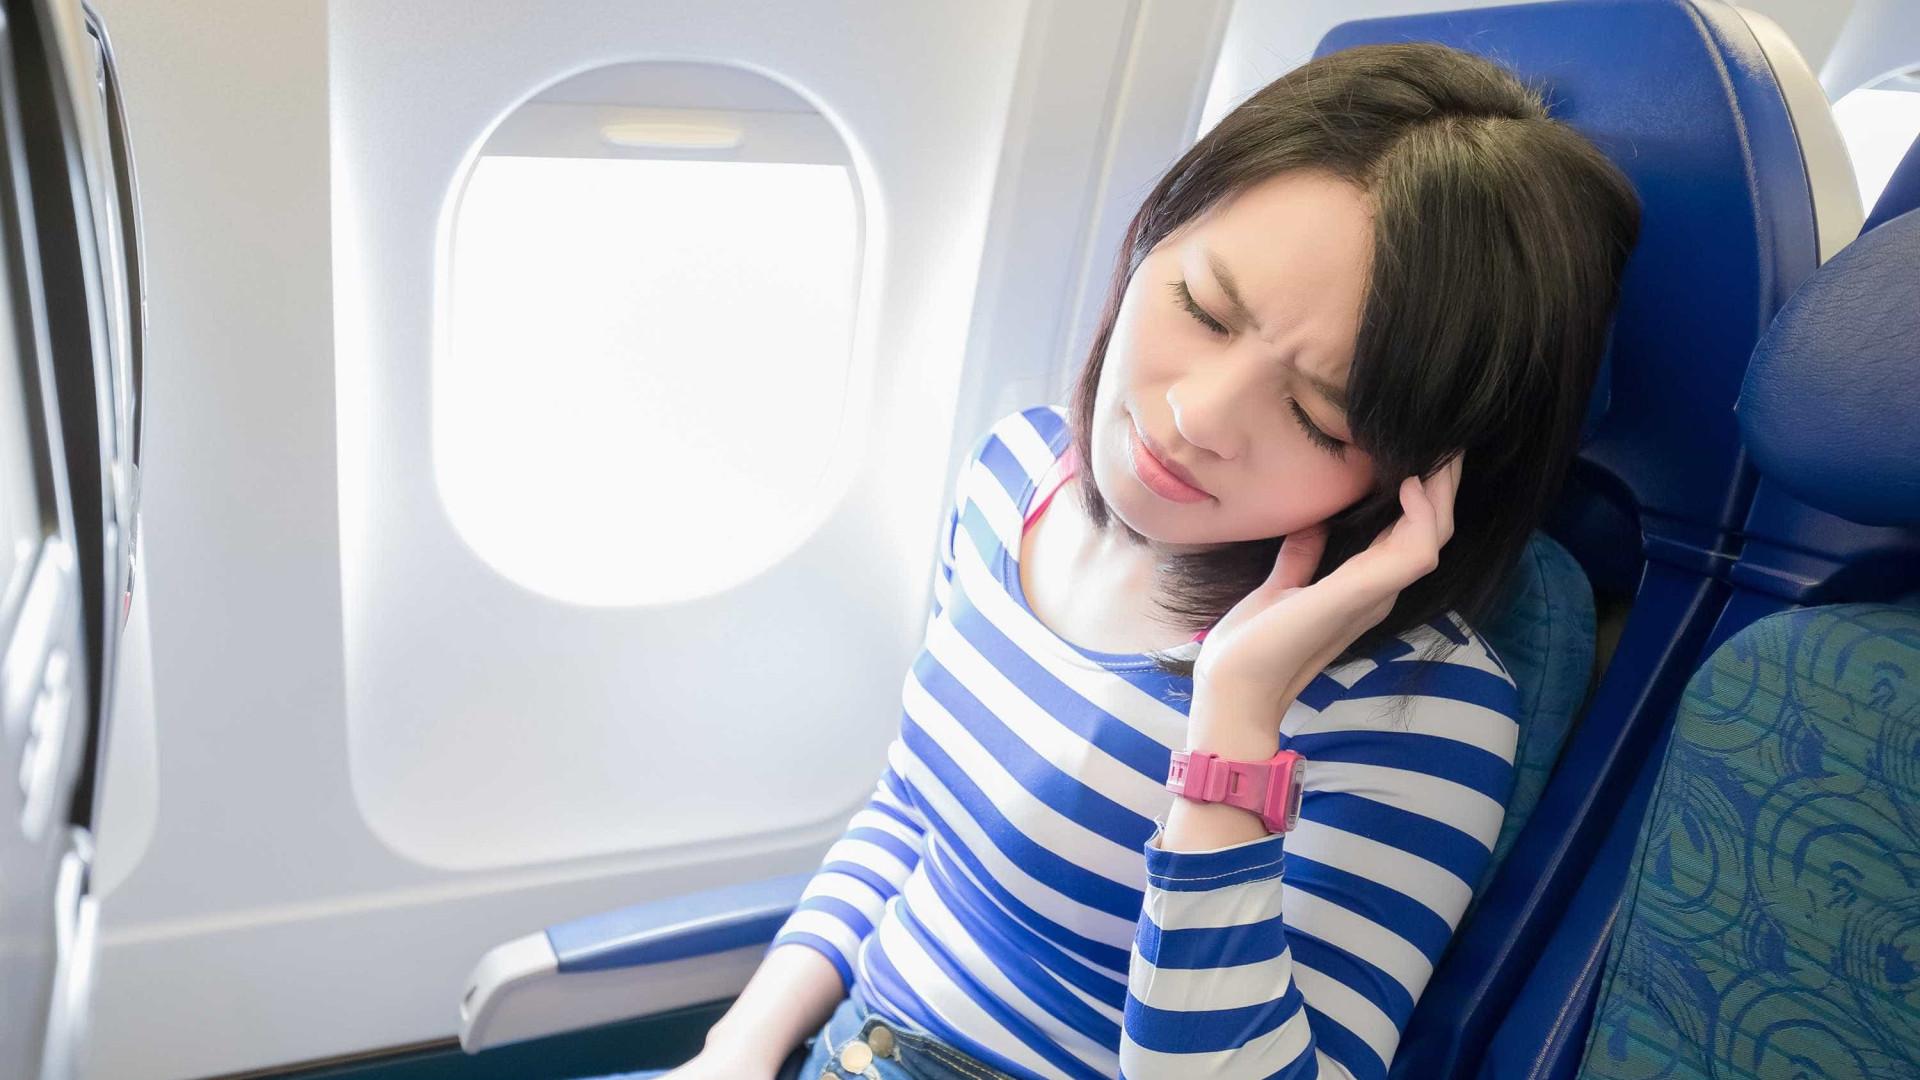 Eis por que os ouvidos 'entopem' quando anda de avião e o que fazer